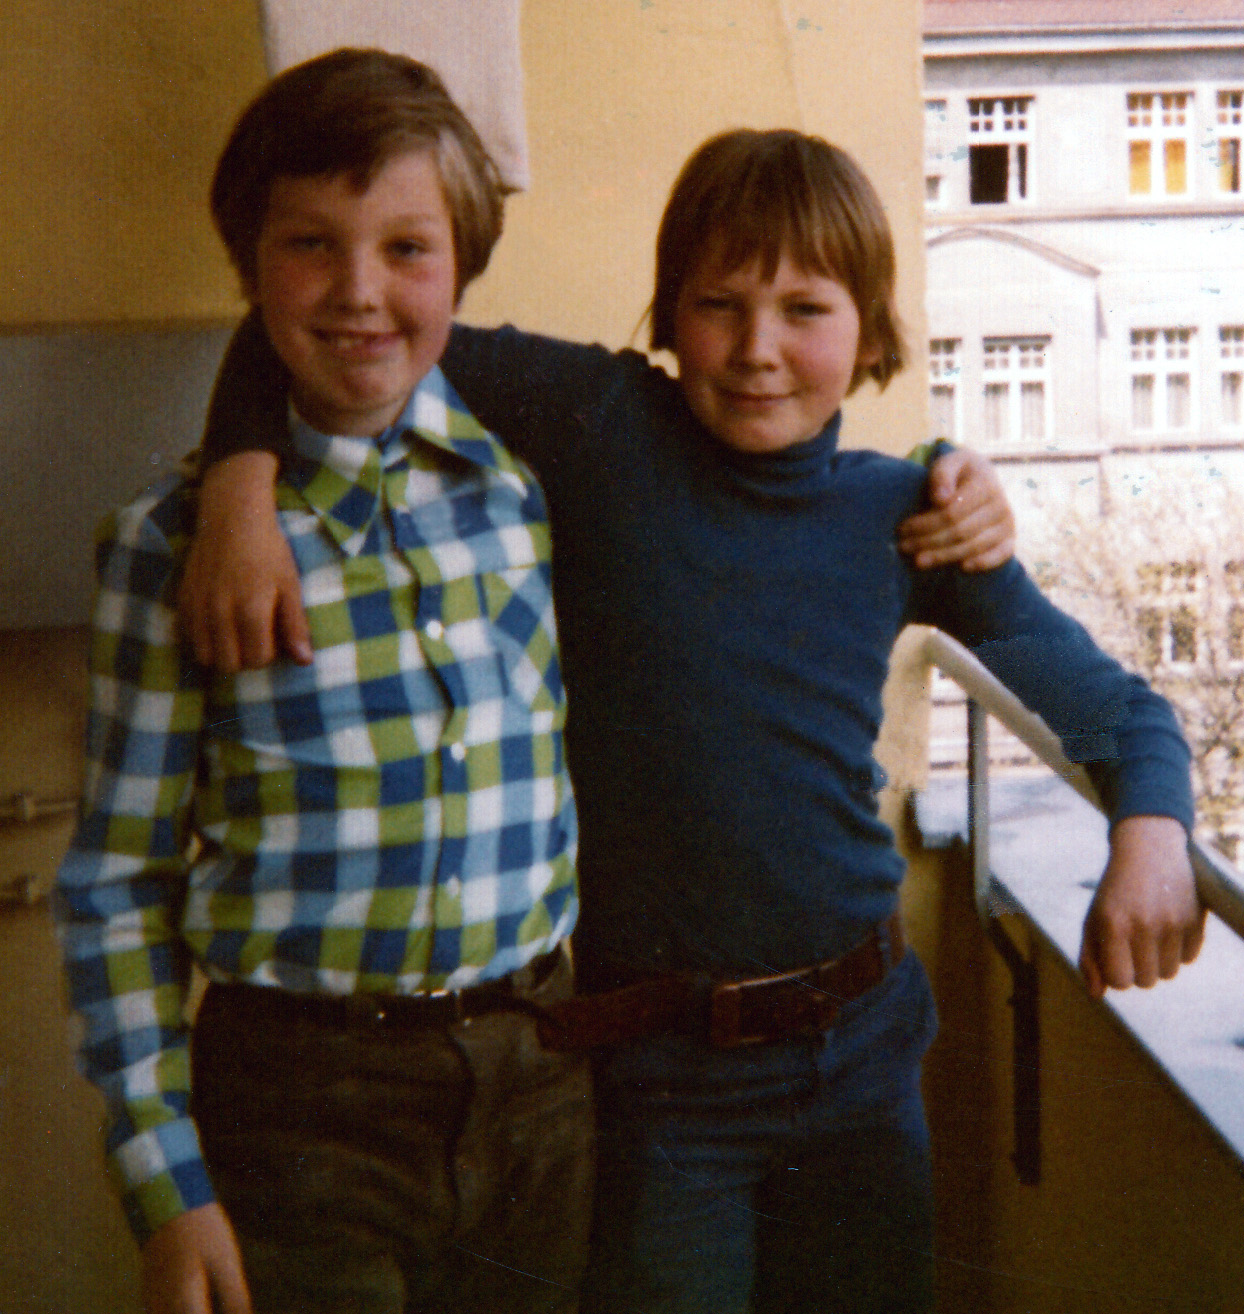 Balkon_gesäubert_Ausschnitt_color_korr